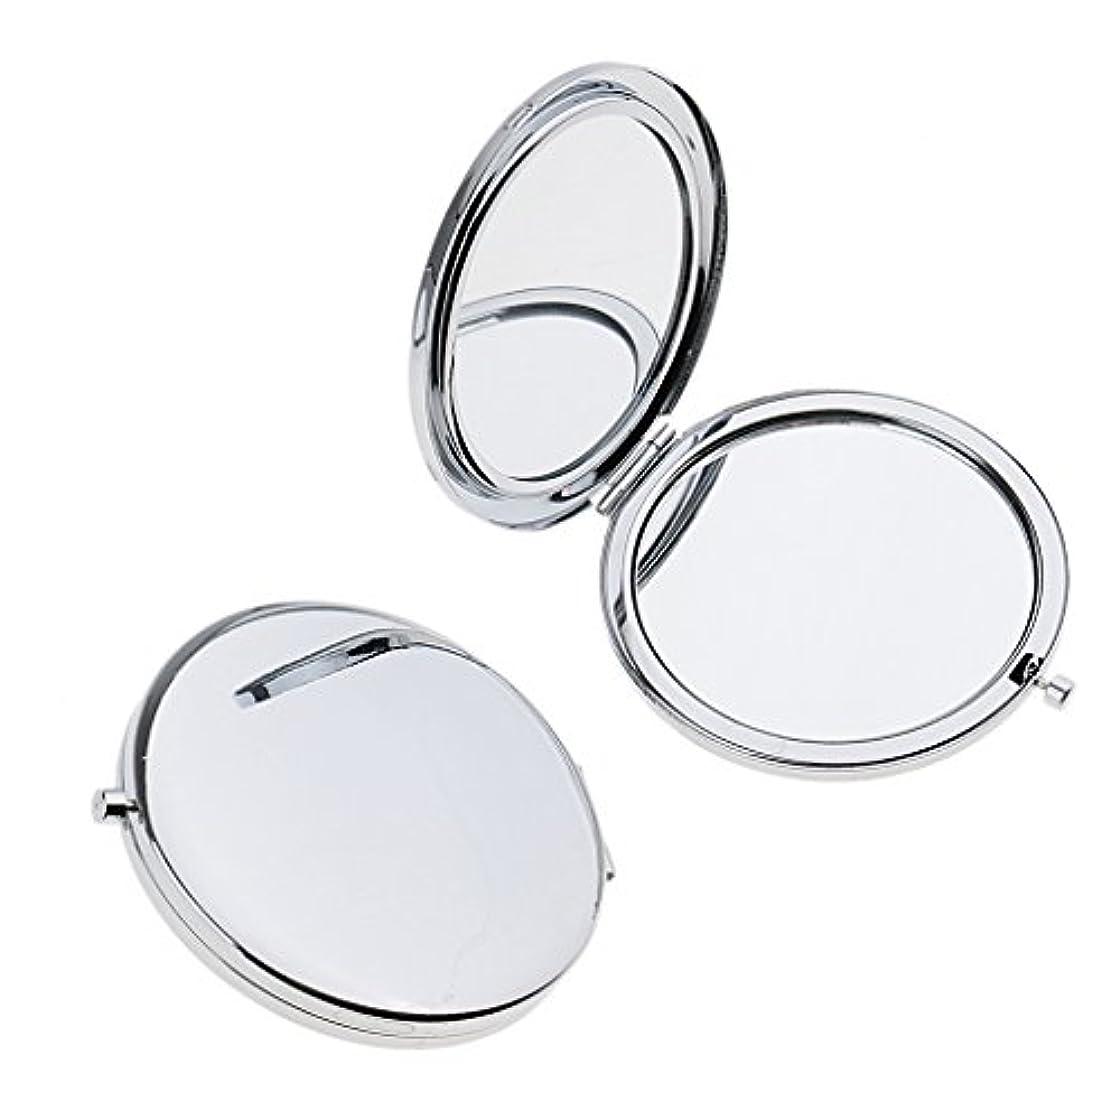 乏しい前奏曲事T TOOYFUL ミニ手鏡 両面コンパクトミラー ステンレス 折りたたみ式 ハンドミラー 携帯ミラー 2個入り - 銀